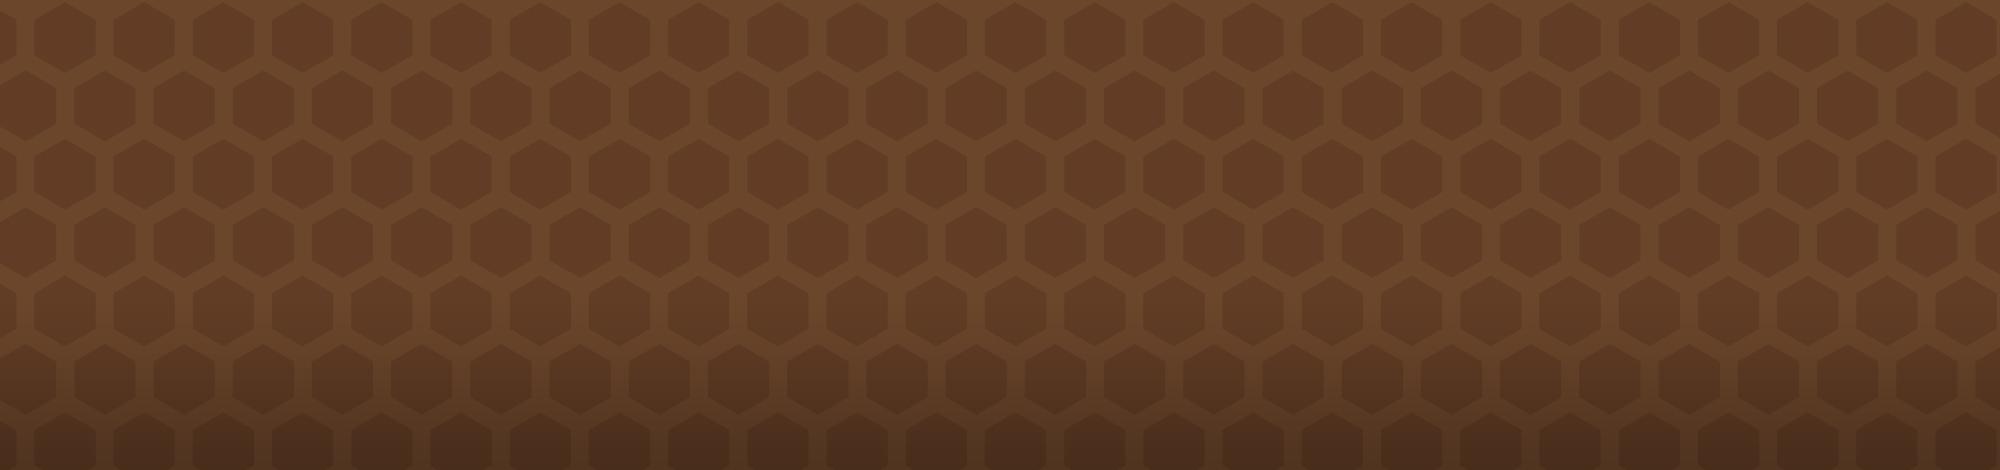 brownhex